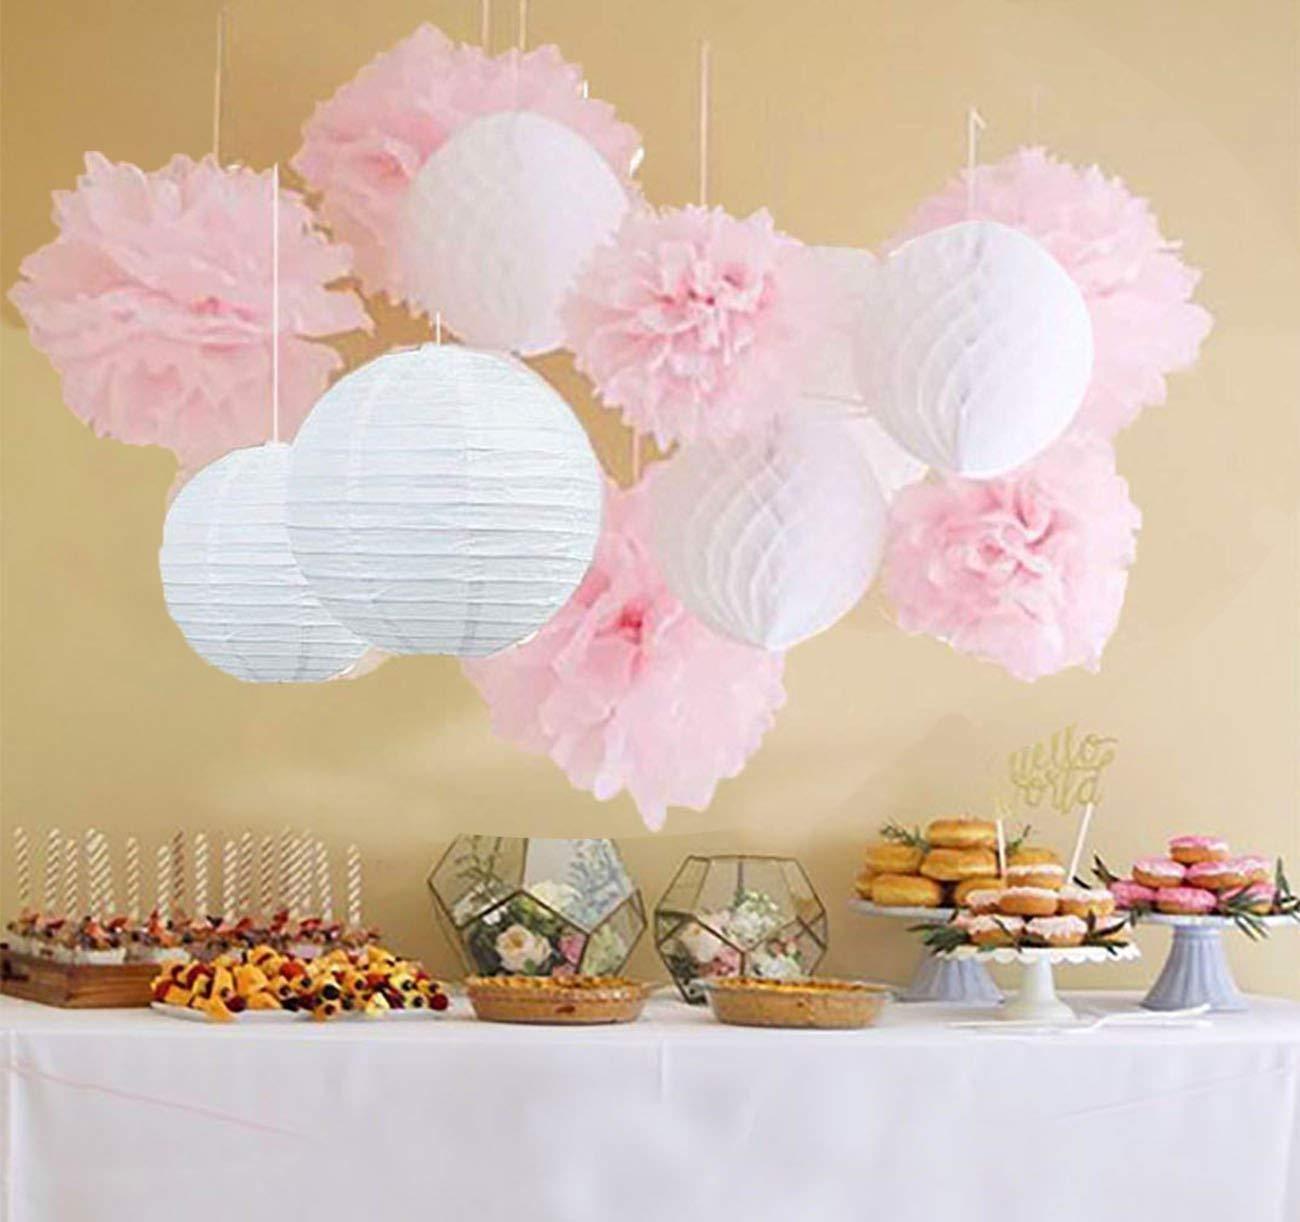 Amazon Com Bridal Shower Decorations Qian S Party 12pcs White Pink